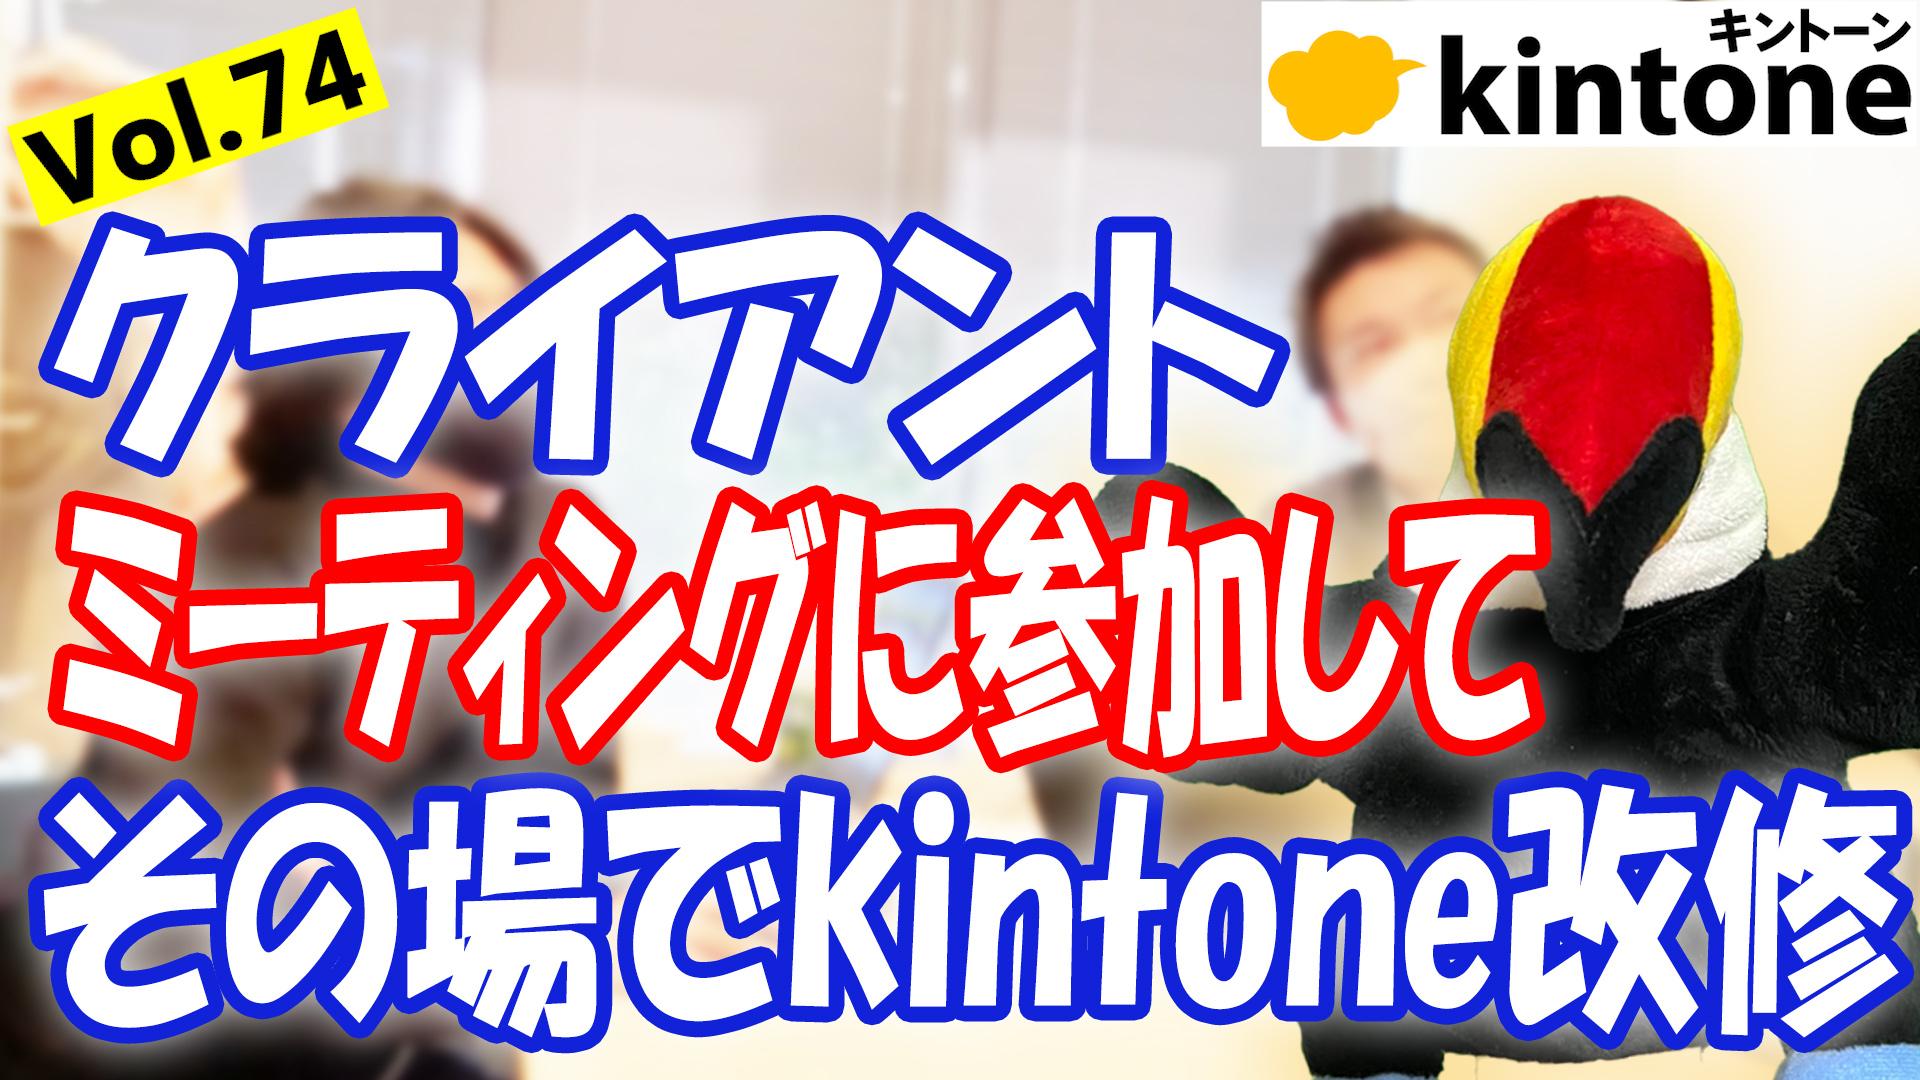 【対面開発】士業事務所の定期MTGに訪問してkintoneを改修してきた【動画】